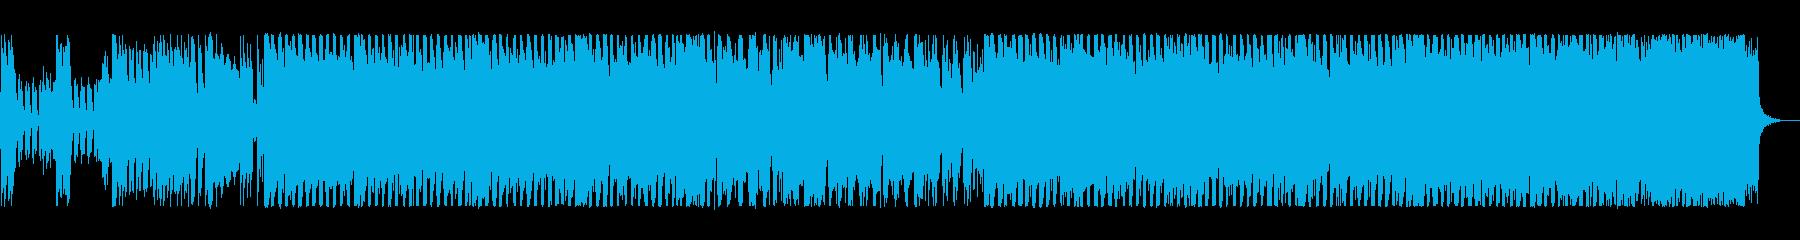 80s'エレクトリック・ポップの再生済みの波形